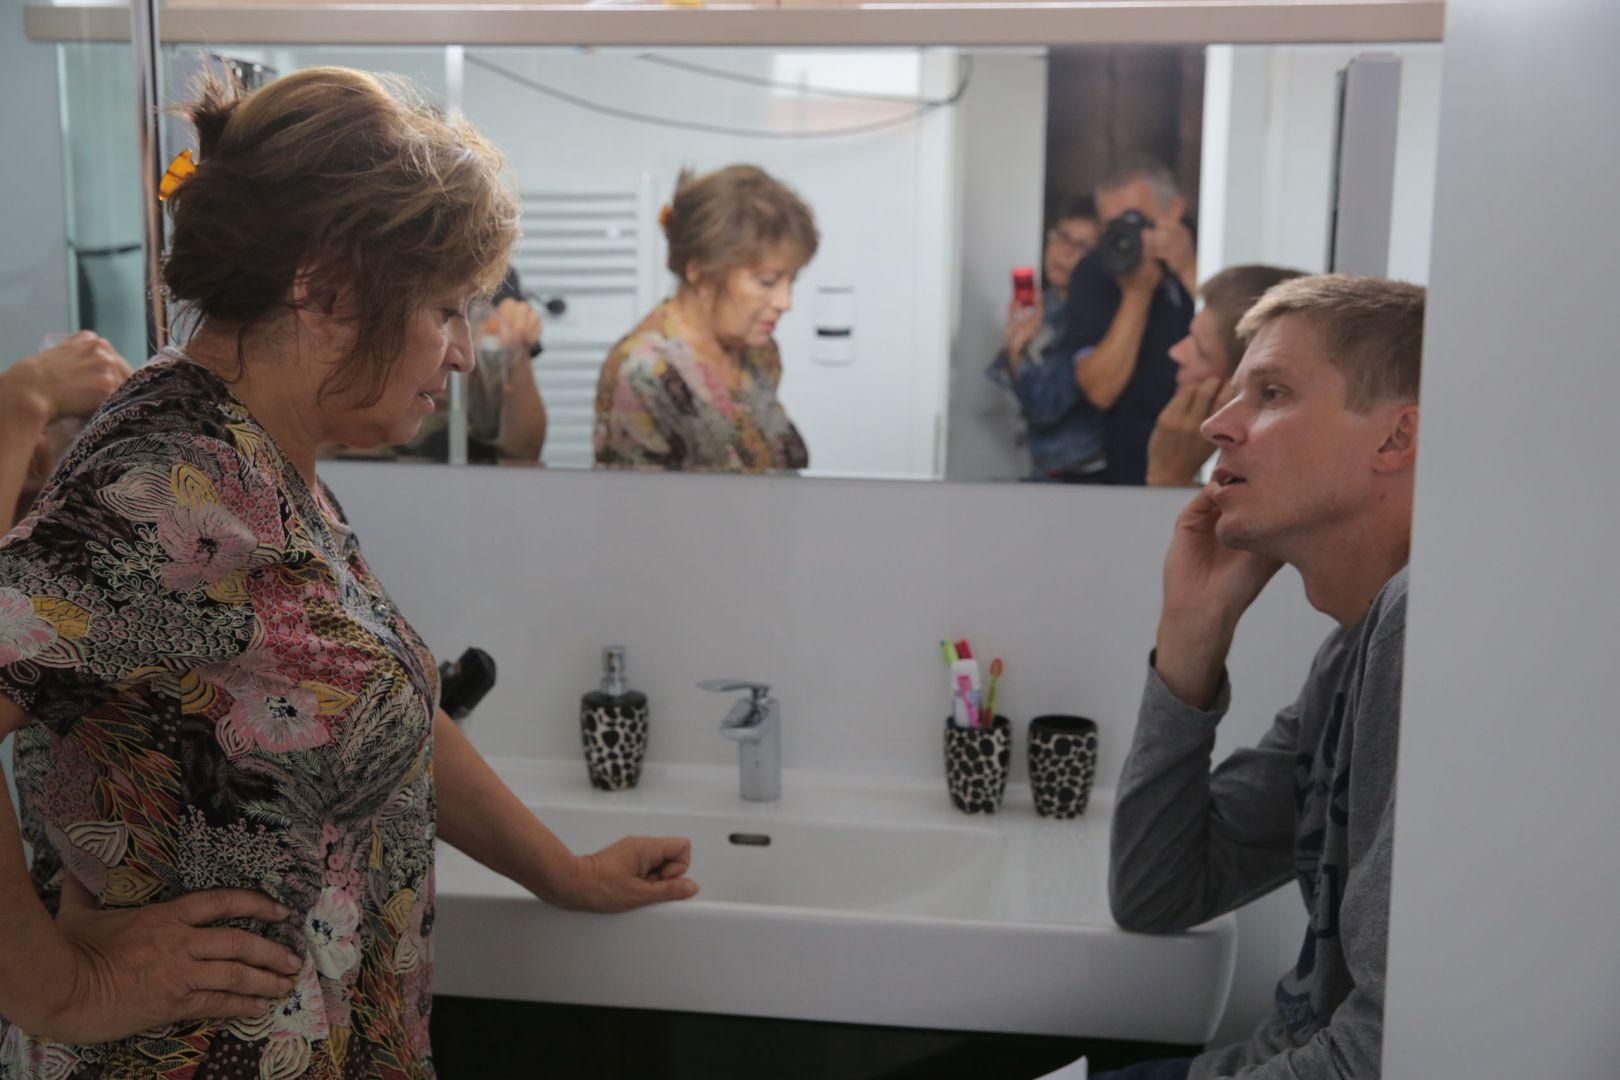 Marko Škop s Emíliou Vášáryovou počas nakrúcania filmu Eva Nová (2015). Zdroj: Artileria.sk